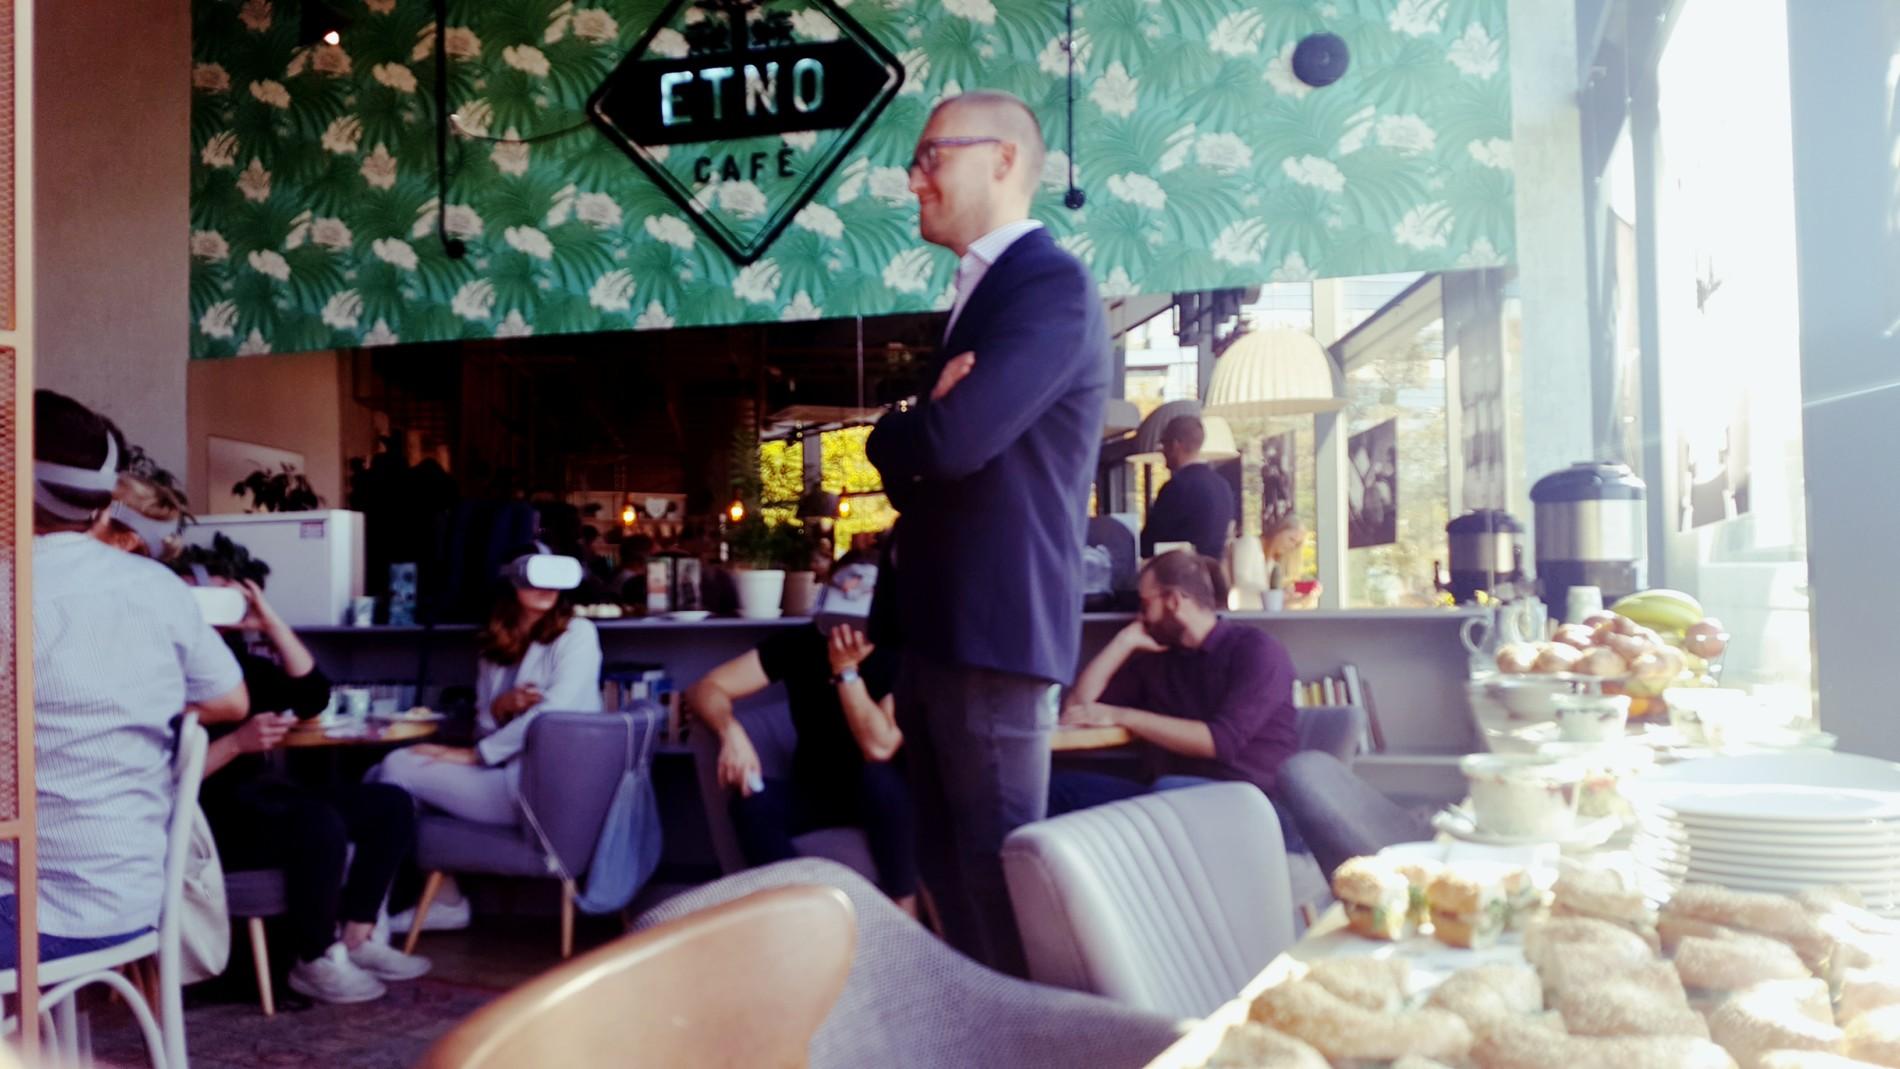 Etno cafe i wirtualna rzeczywistość